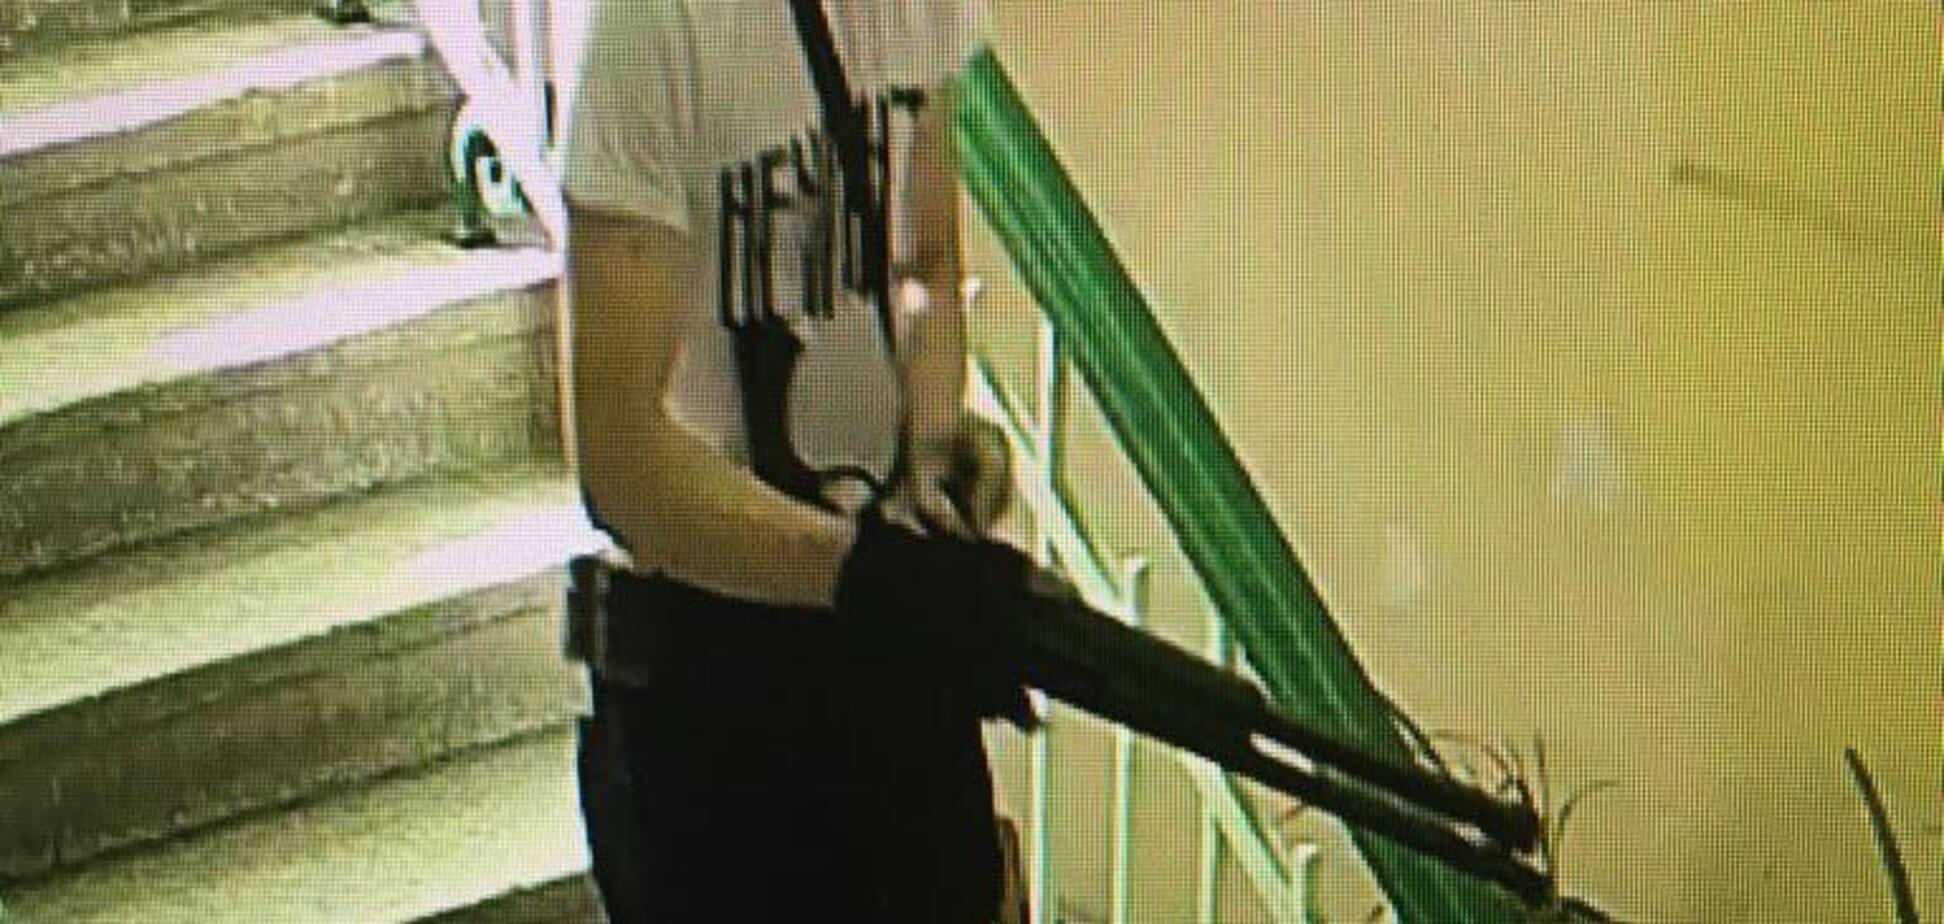 Самоубийство подозреваемого в совершении теракта в Керчи: что известно о стрелке